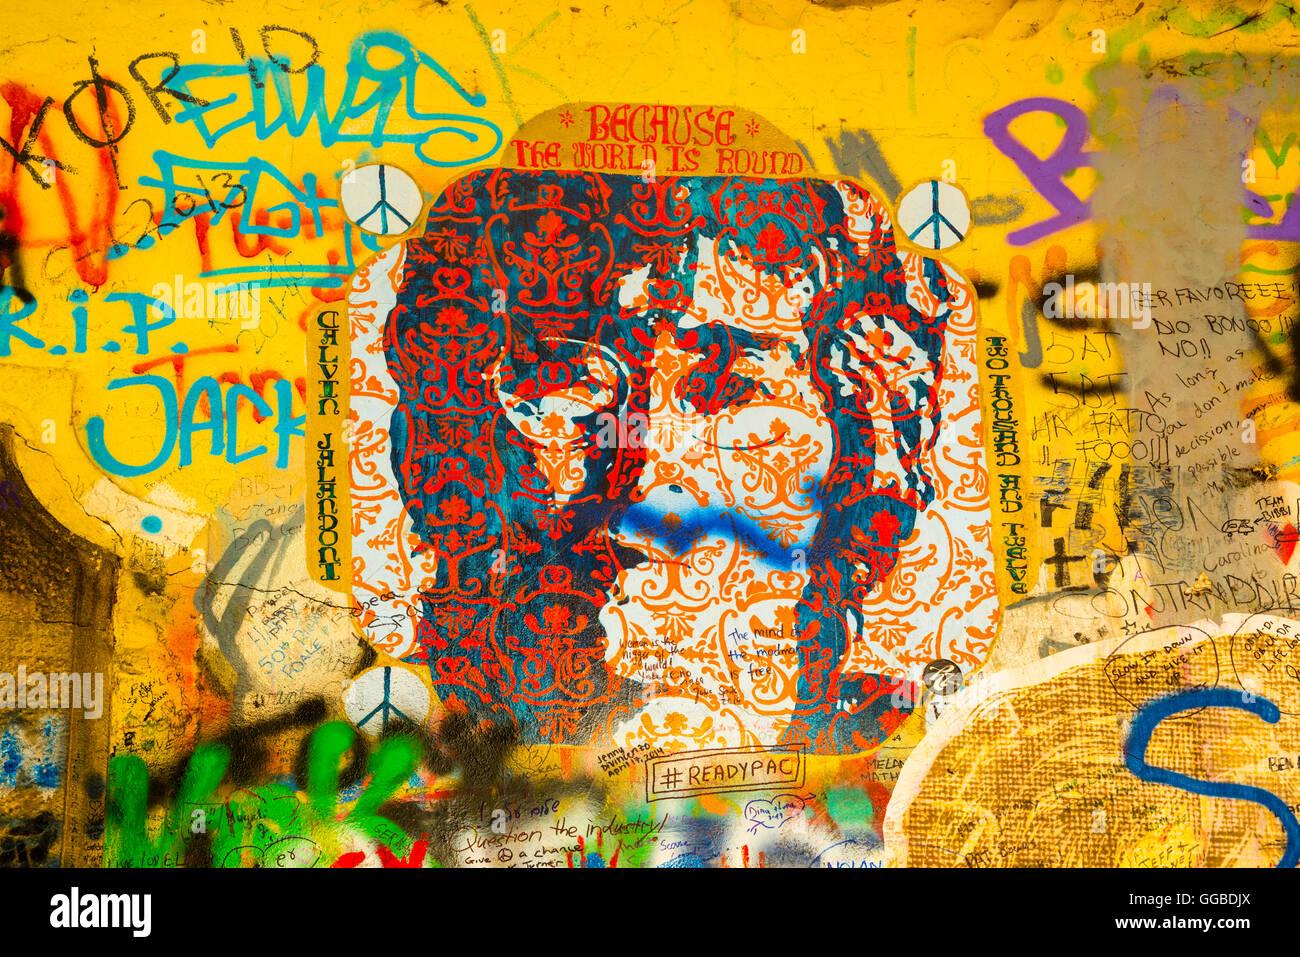 Beatles Stock Photos & Beatles Stock Images - Alamy